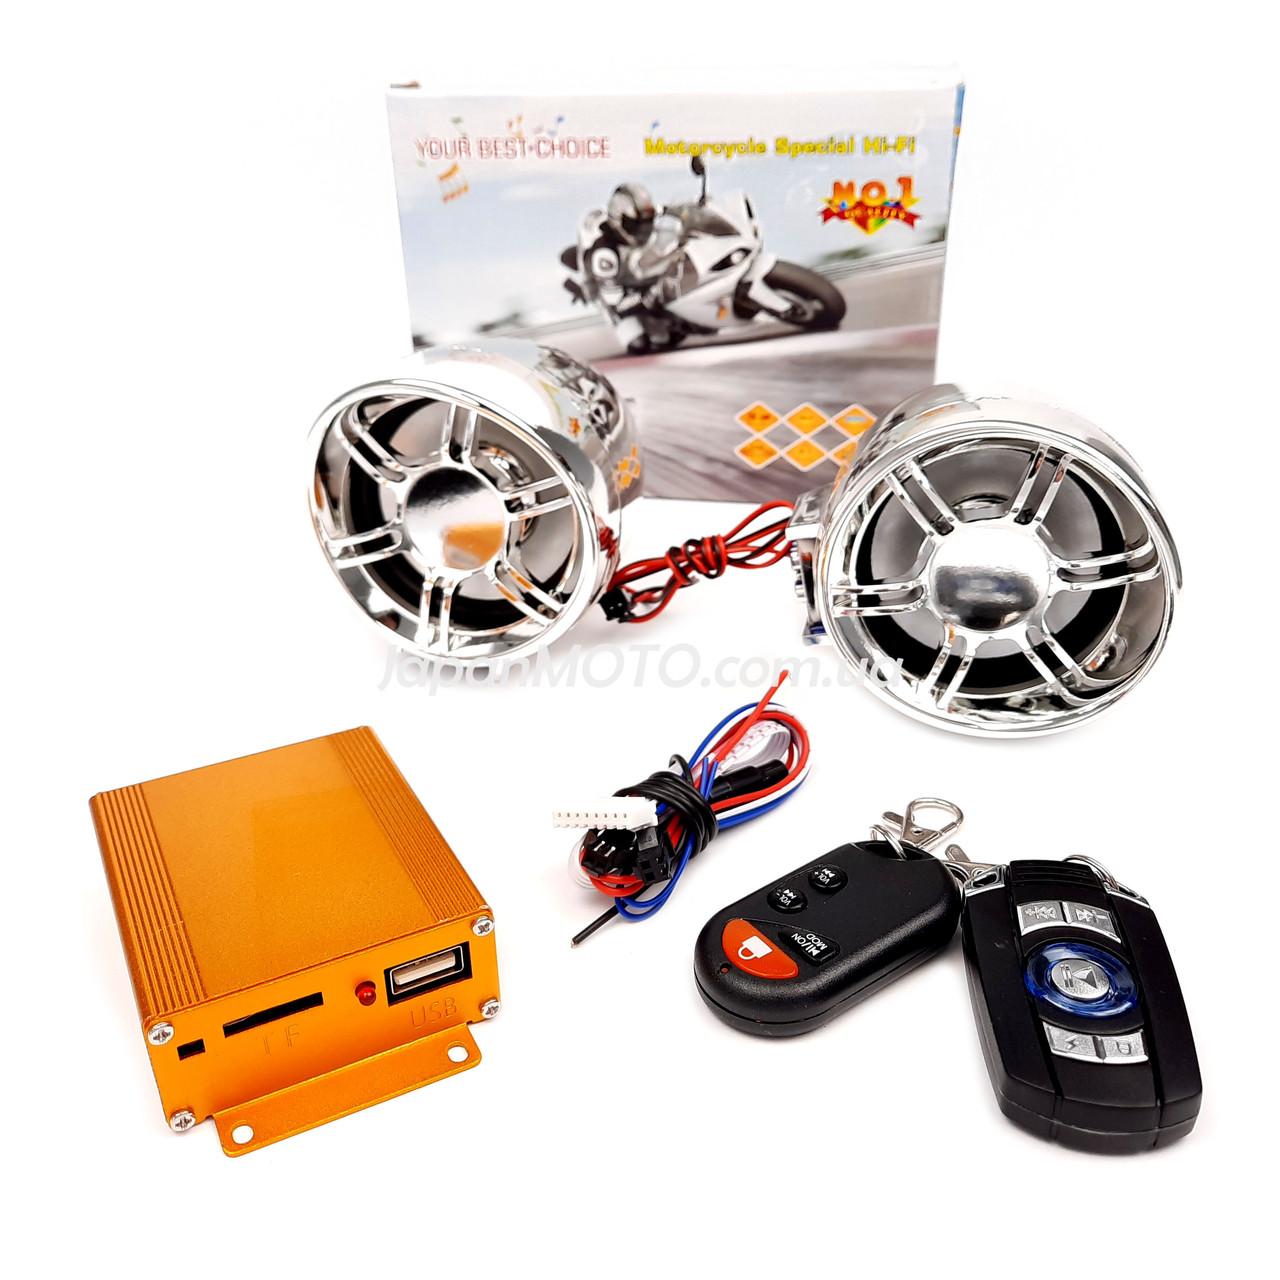 Аудиосистема 2.0 mod:928С (3, хром, сигн., МР3/FM/MicroSD/USB, ПДУ, разъем ППДУ 3.5mm)